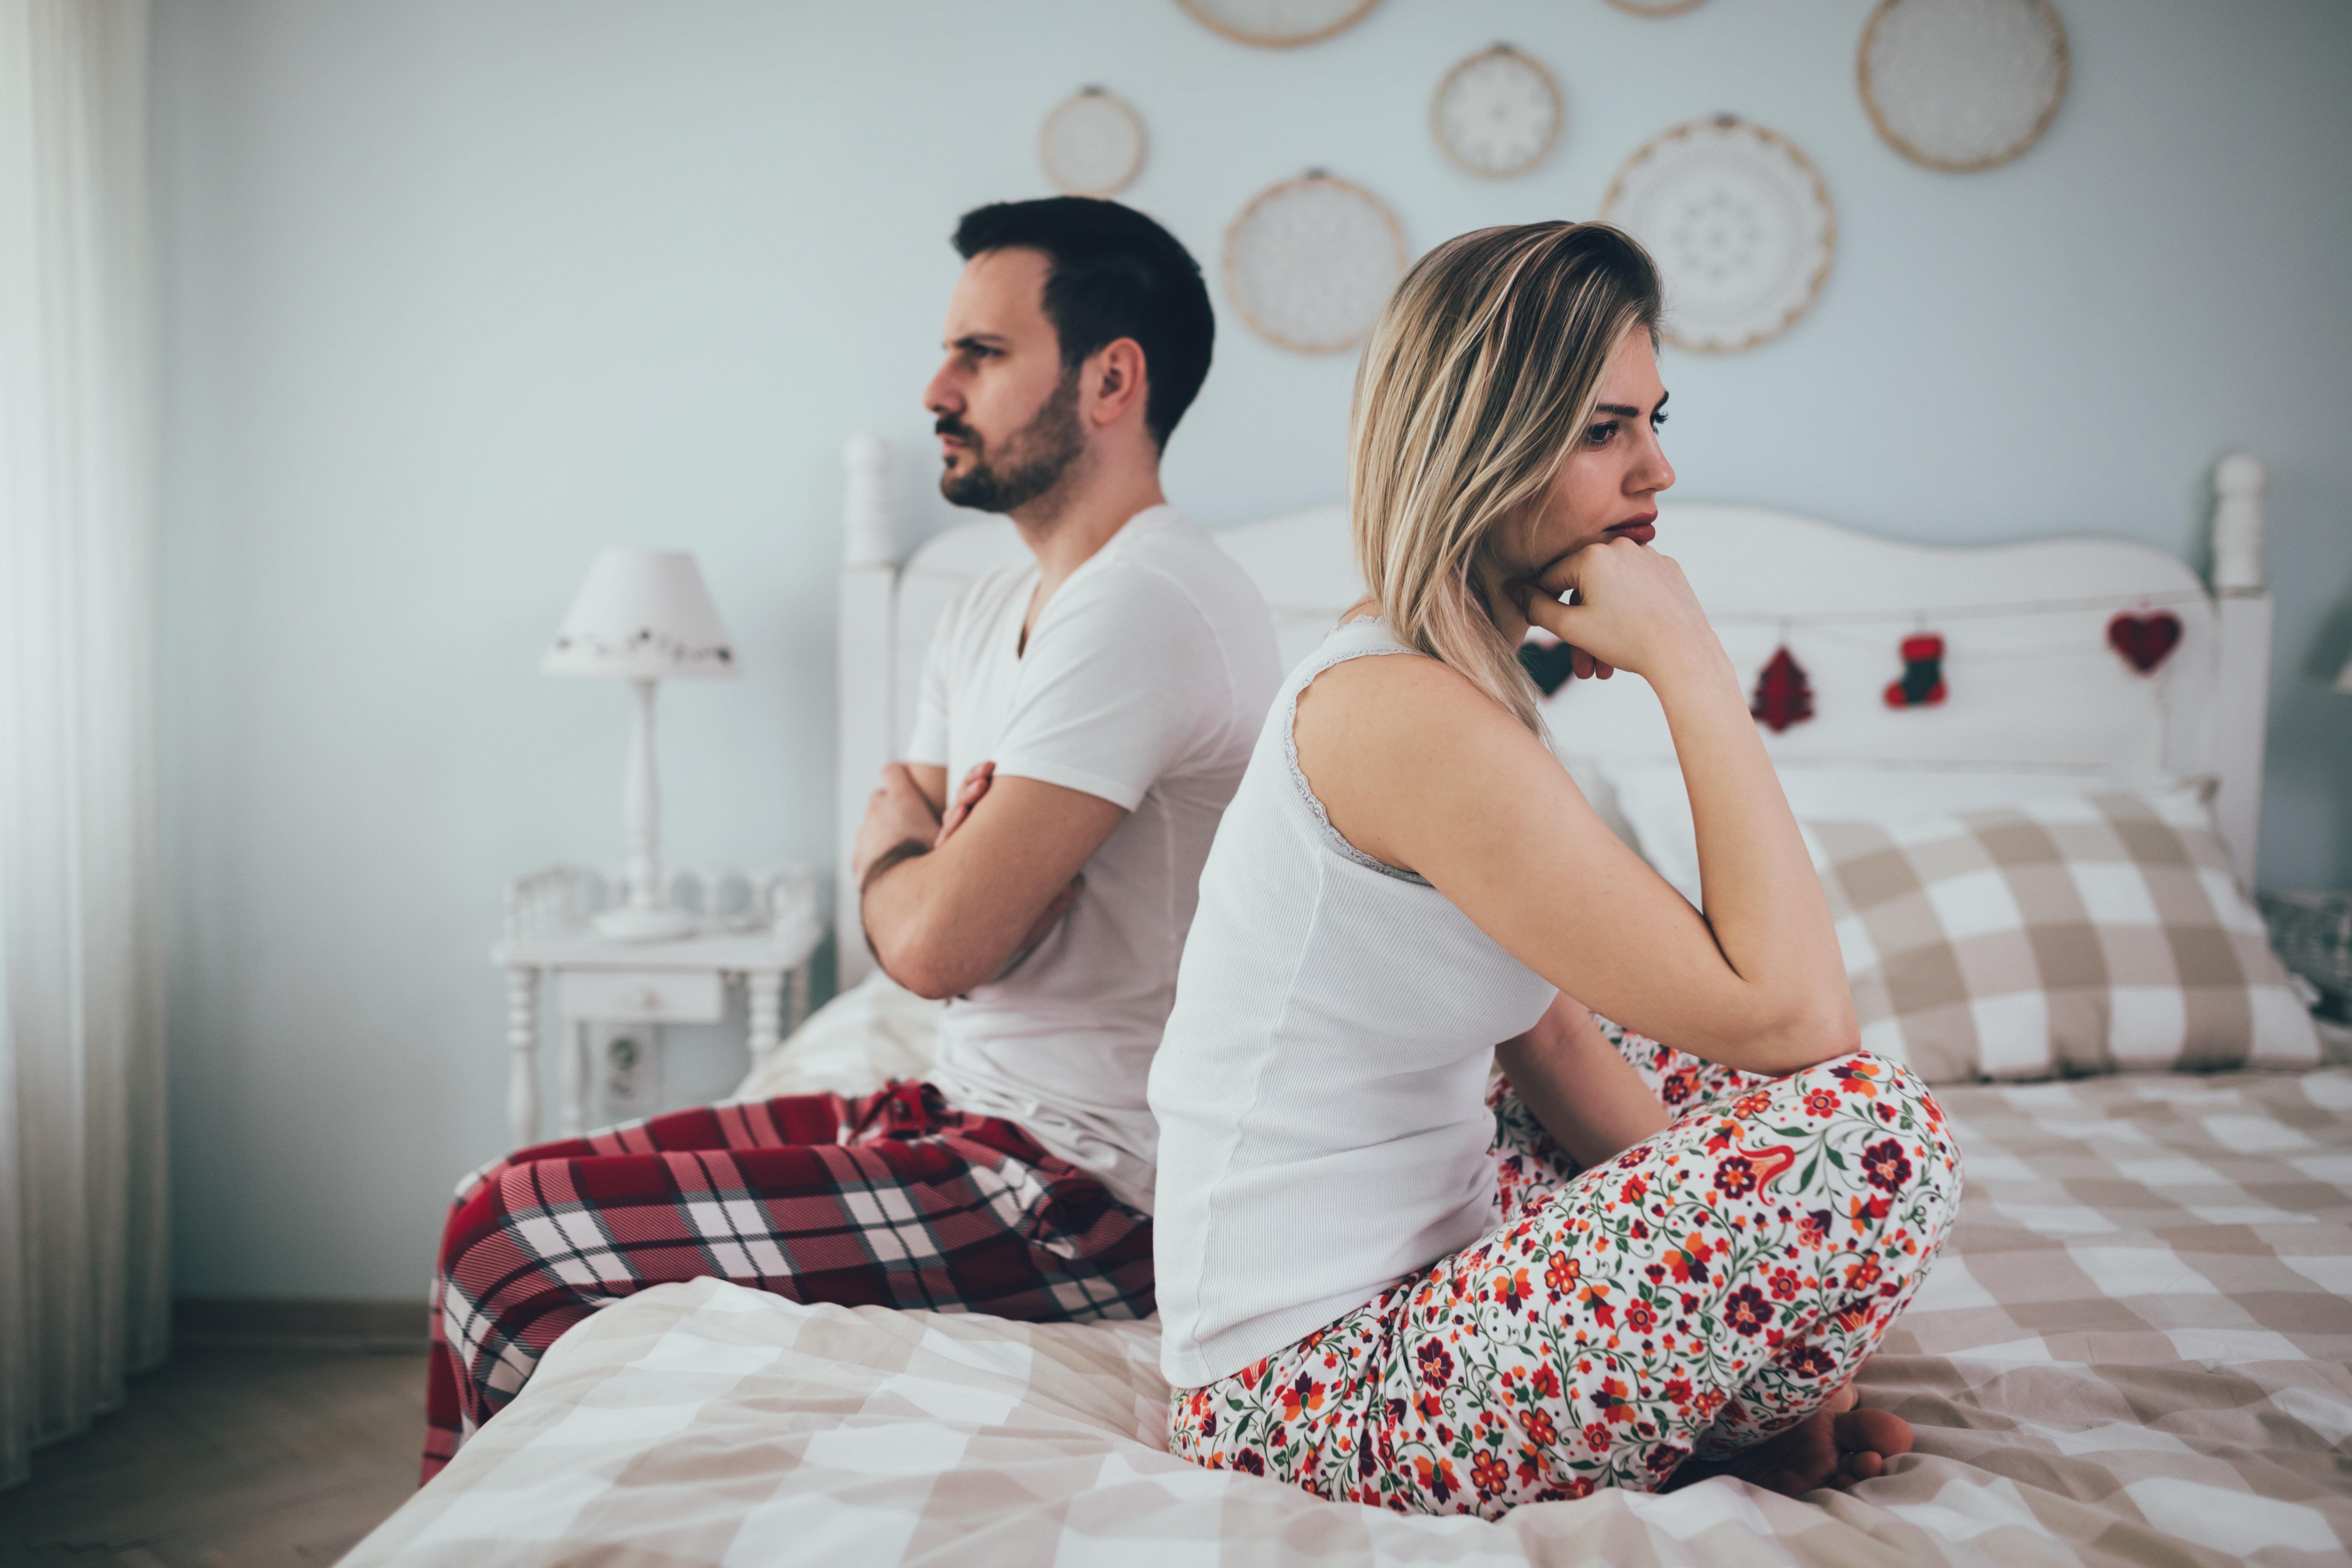 Beim Sex zu früh kommen: Männer verraten, was sie tun, um länger